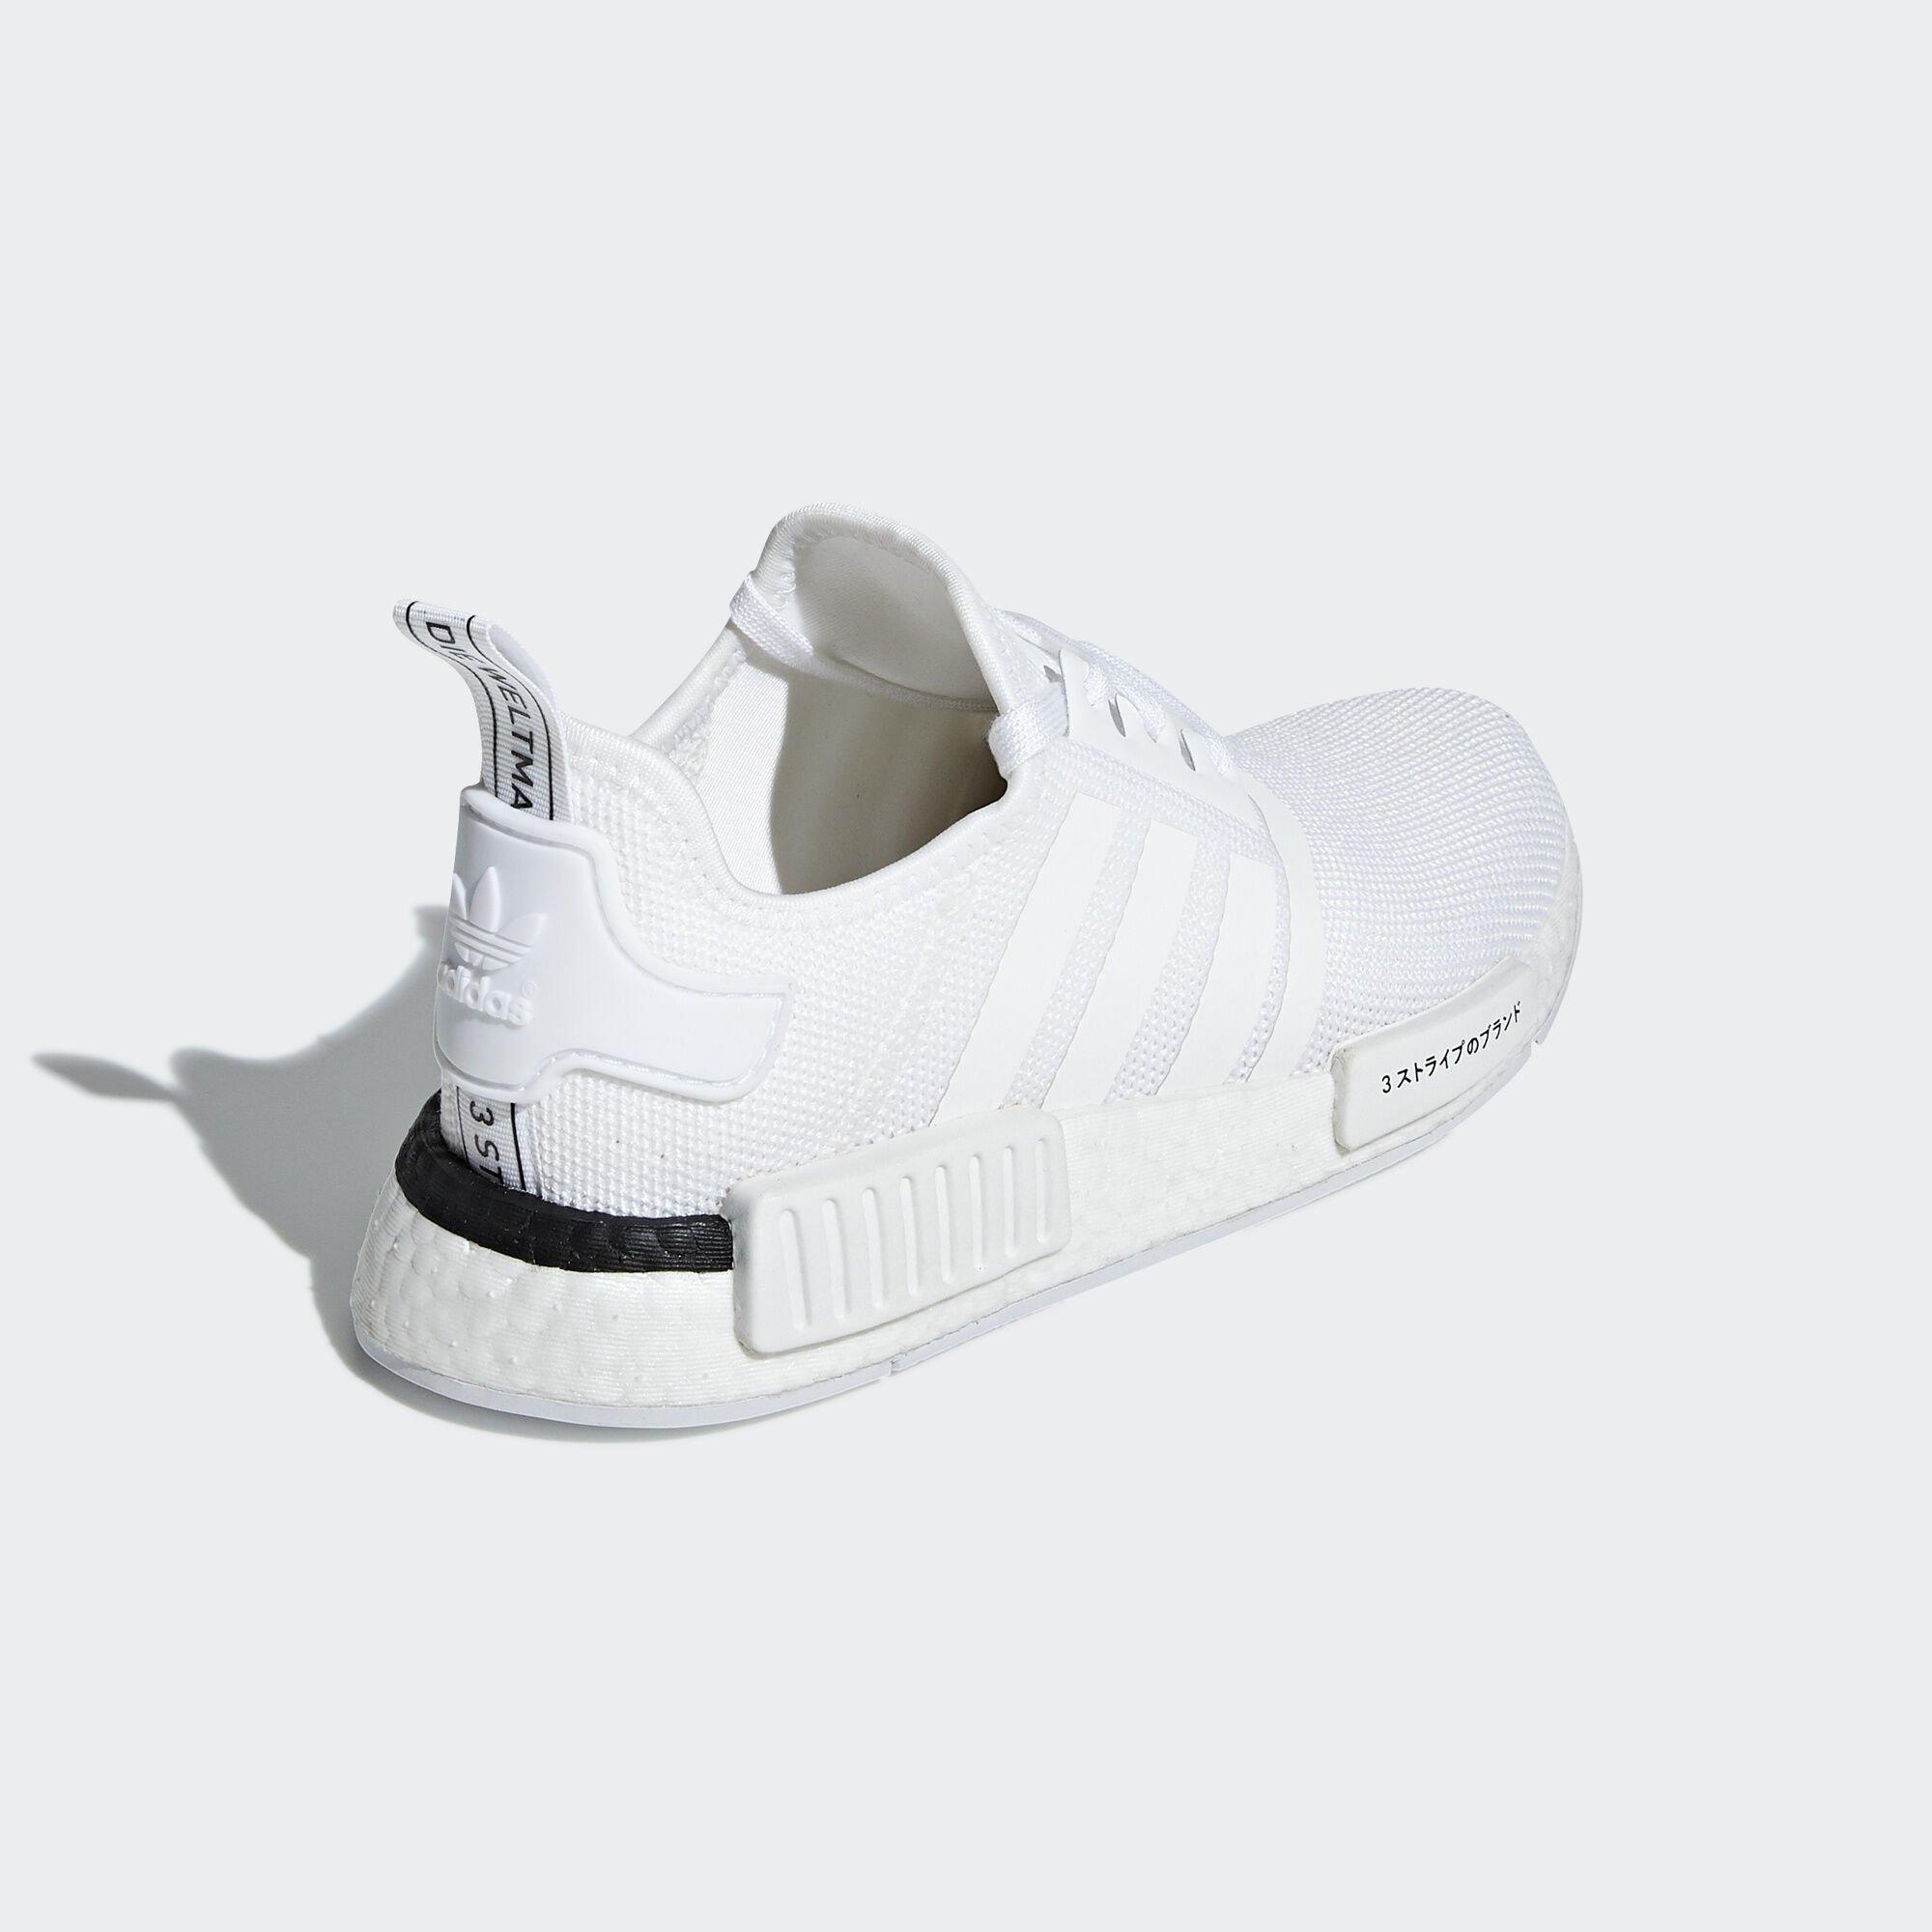 adidas NMD R1 Japan White 2019 (GS) (CG6980)